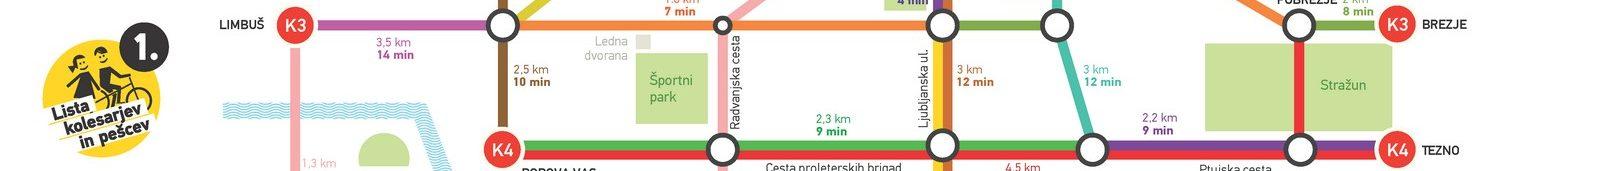 Kolesarski zemljevid za Maribor!